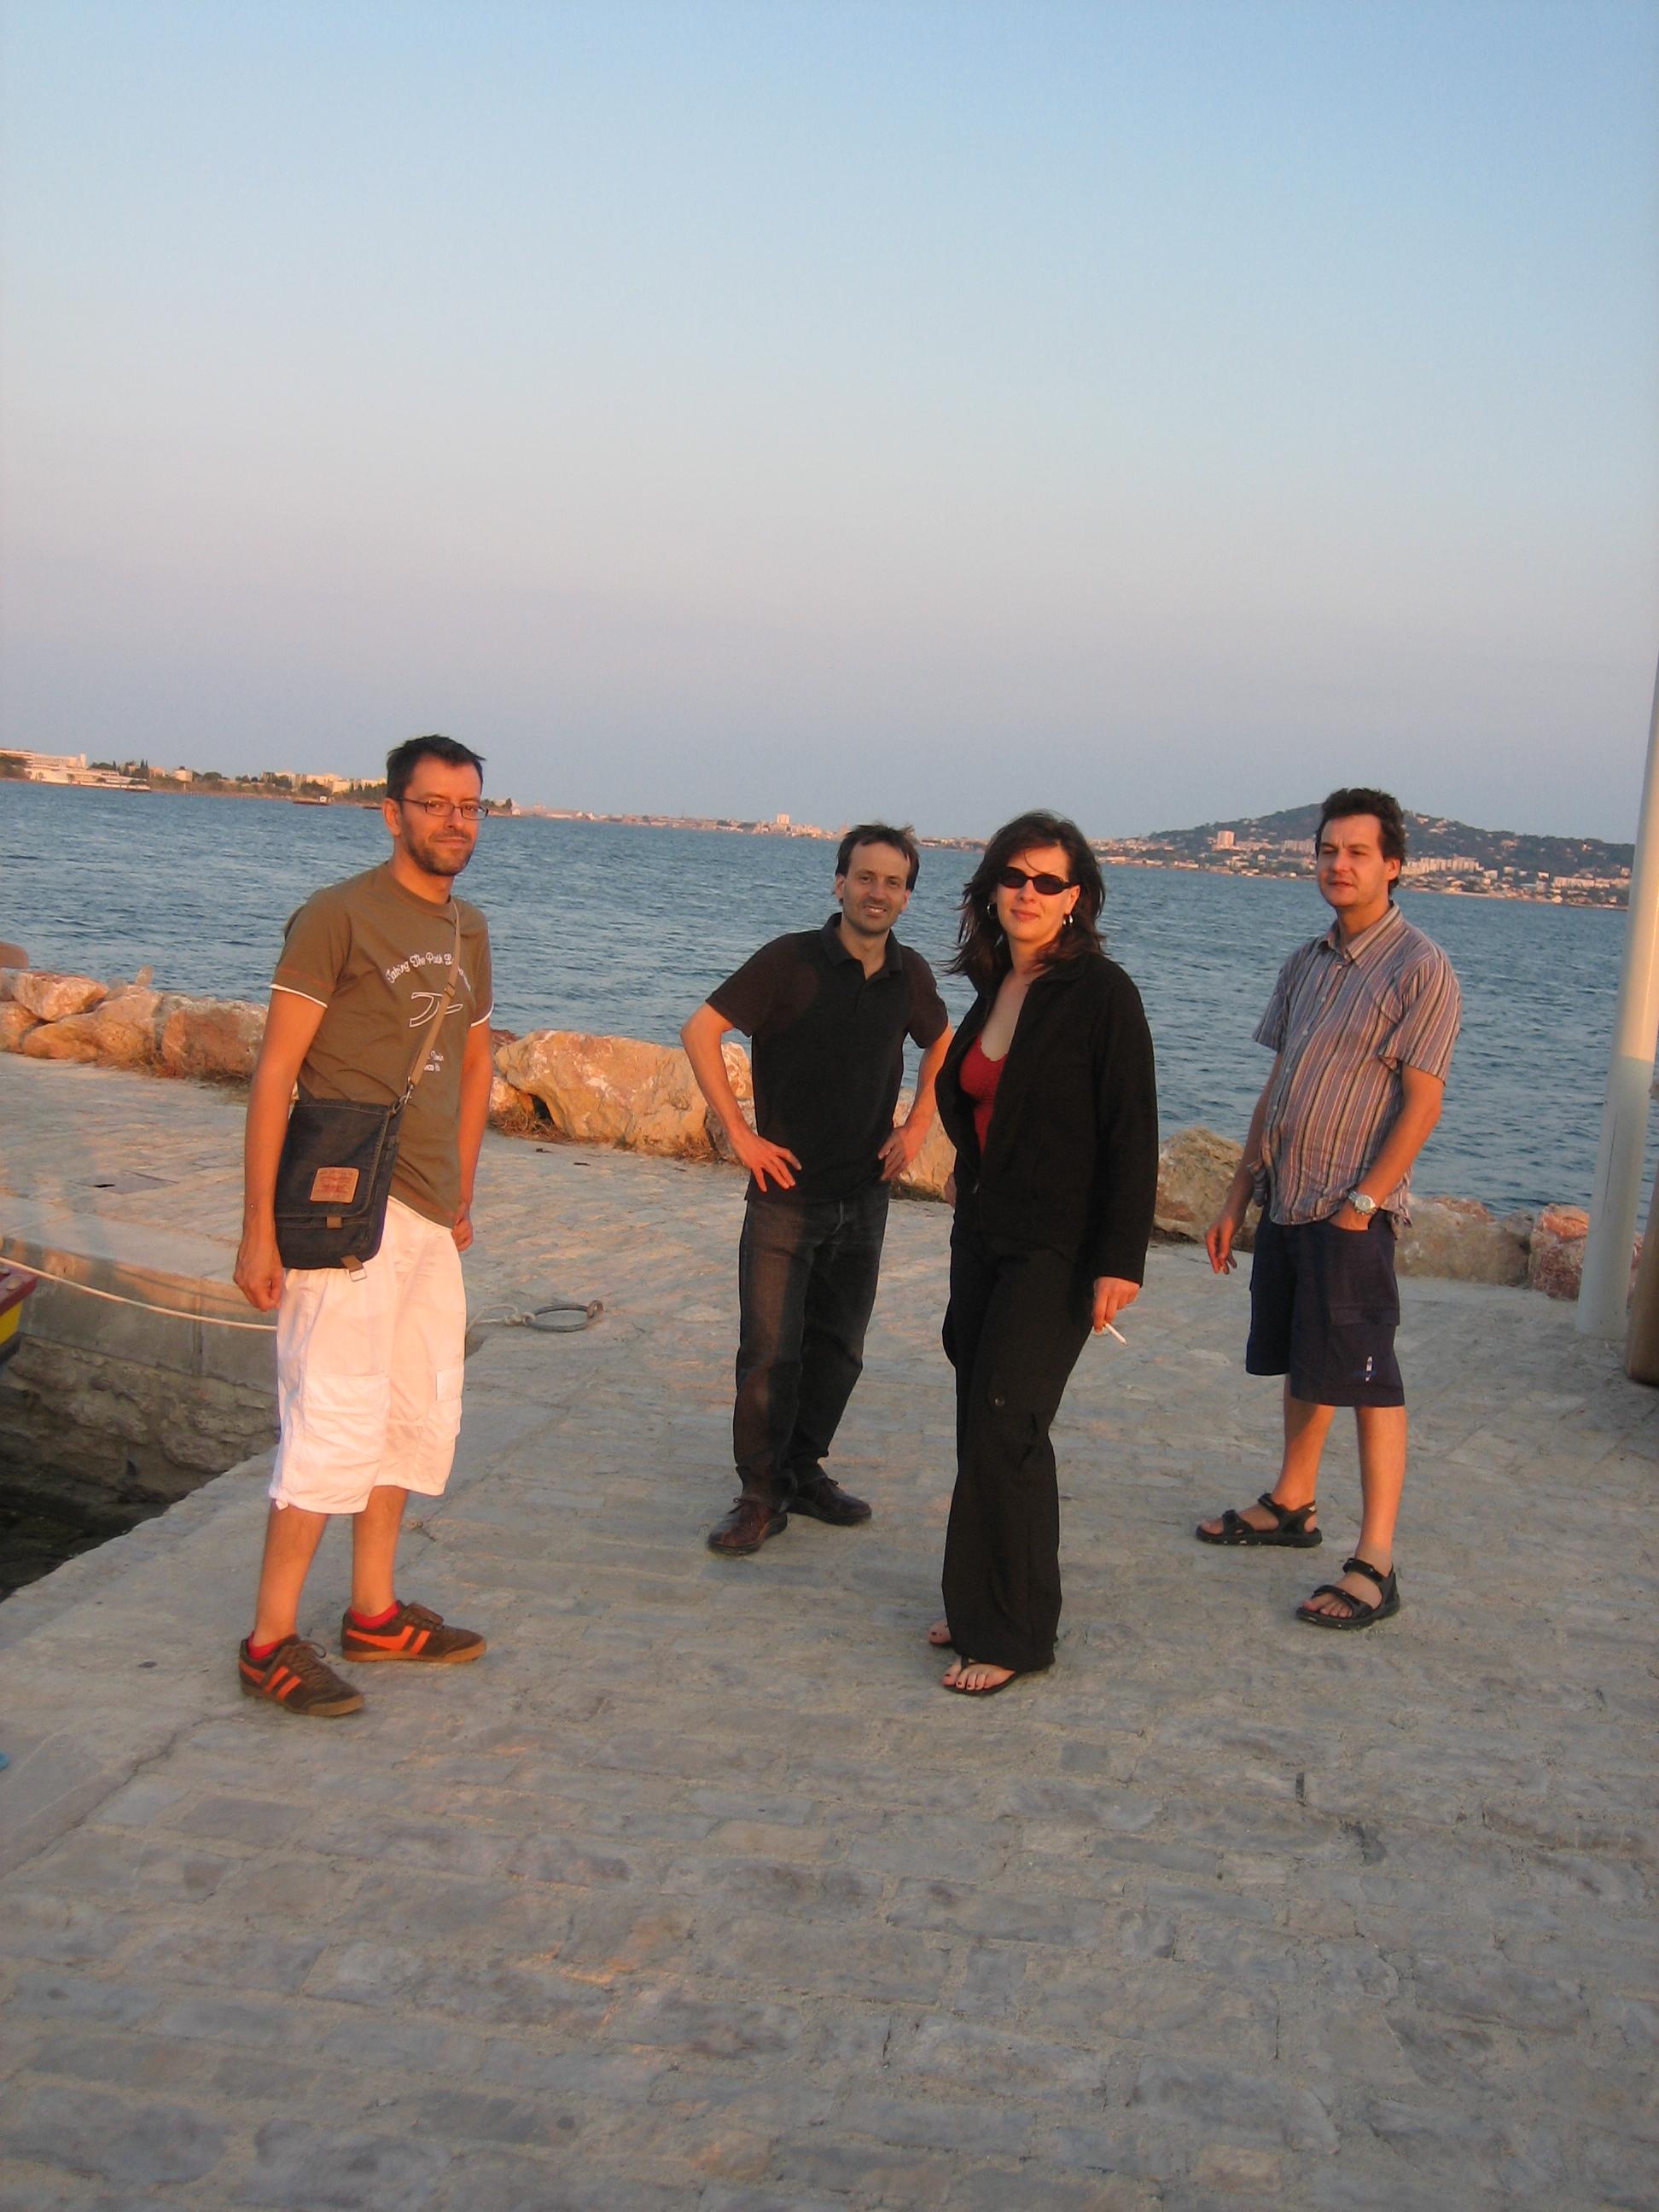 Alain, Gaby, Vanina and Pascal at Bouzigues